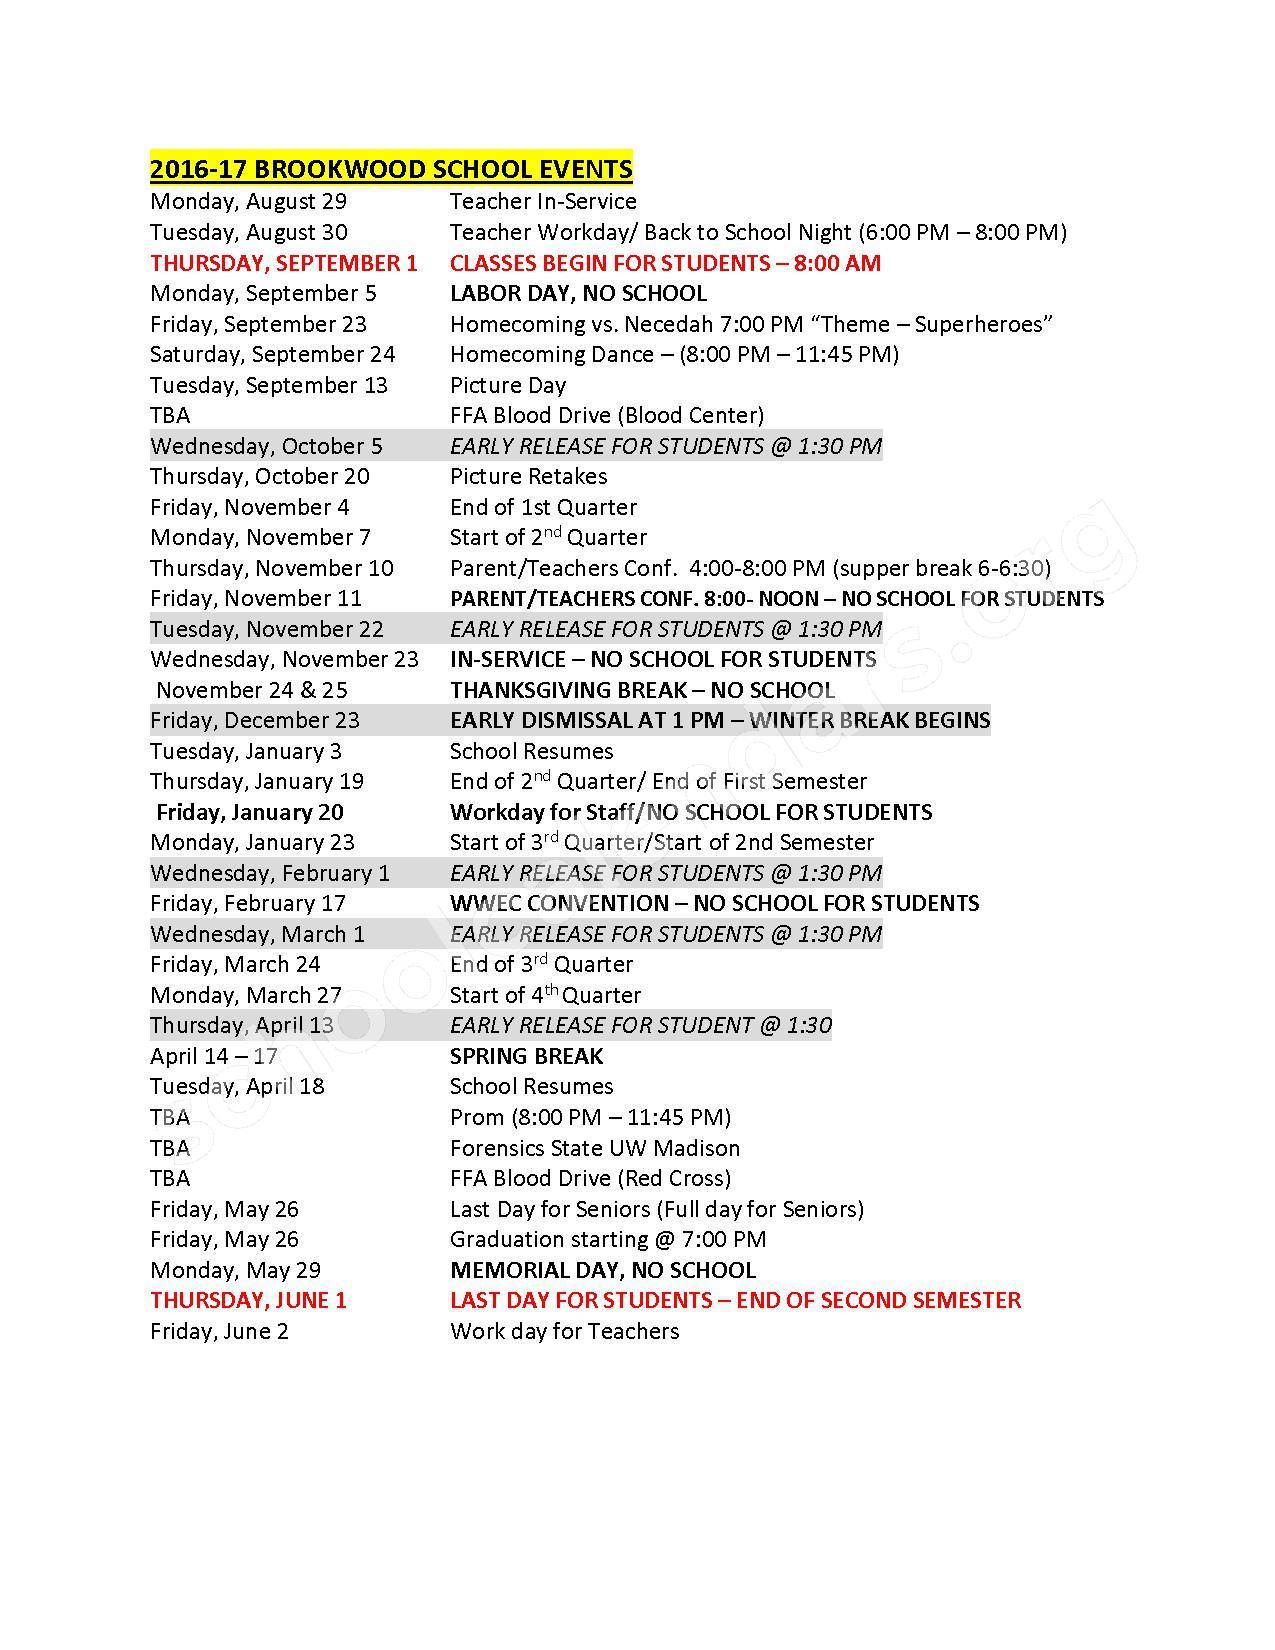 2016 - 2017 School Calendar – Norwalk-Ontario-Wilton School District – page 1